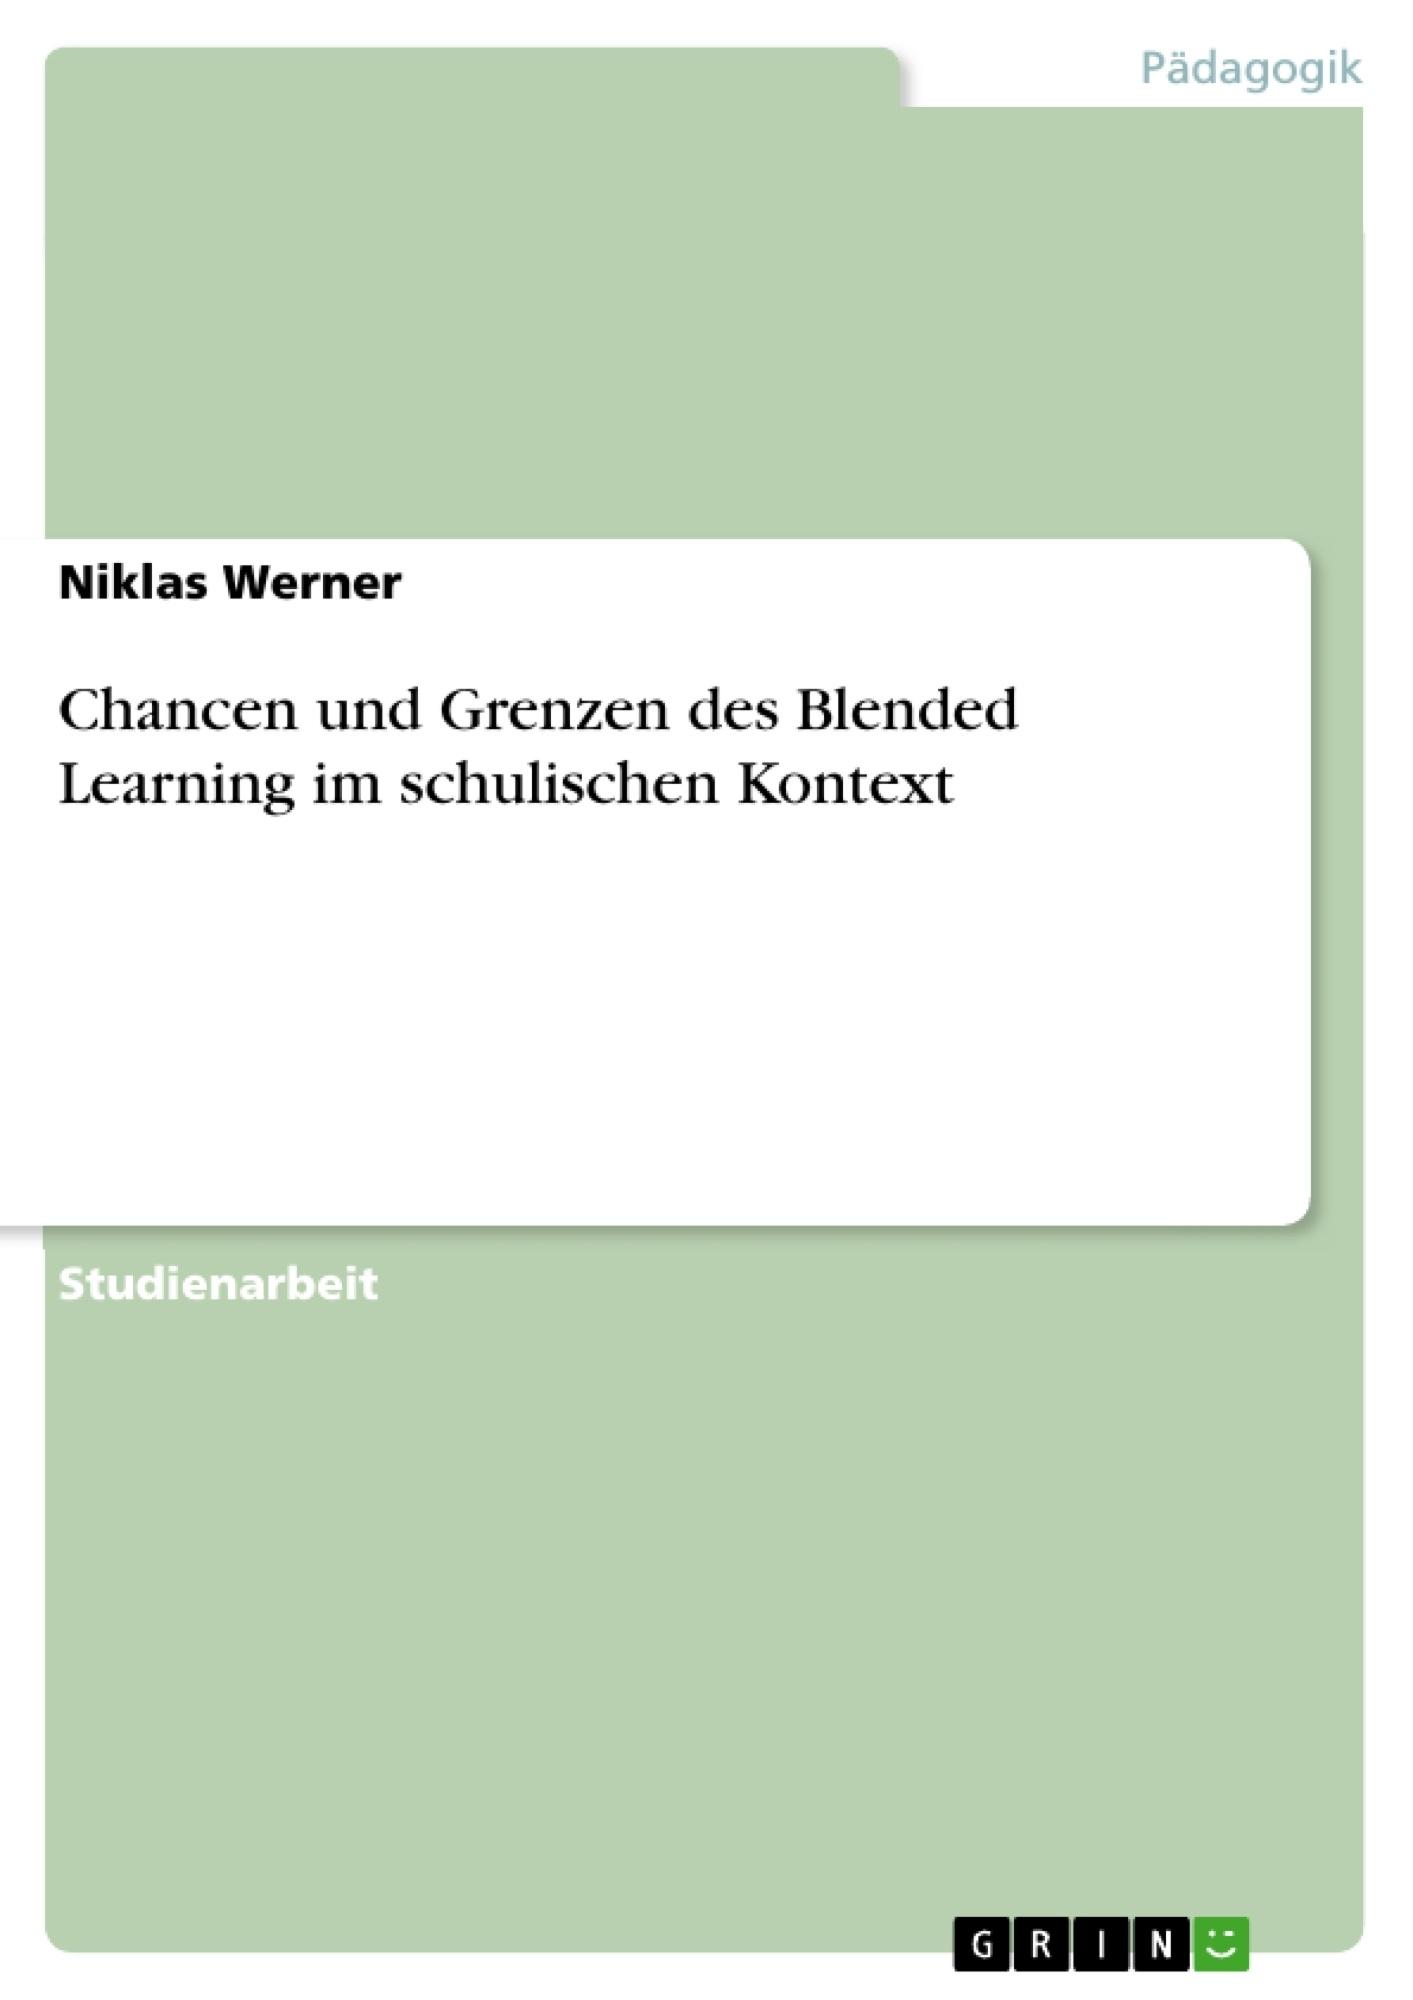 Titel: Chancen und Grenzen des Blended Learning im schulischen Kontext